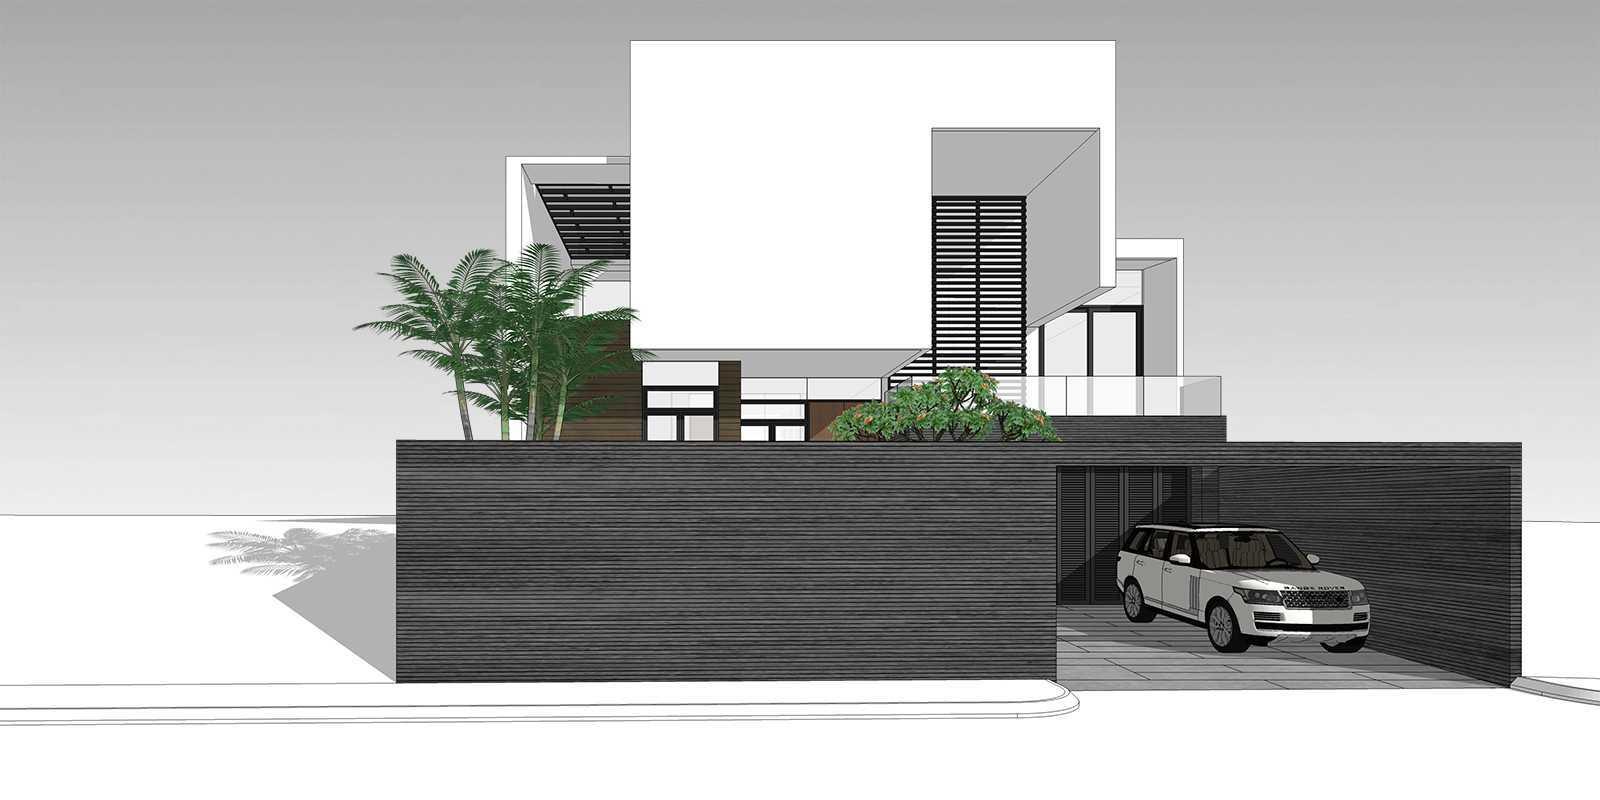 Rekabentuk Id K.i. House Kota Bandung, Jawa Barat, Indonesia Kota Bandung, Jawa Barat, Indonesia Exterior Modern  33553